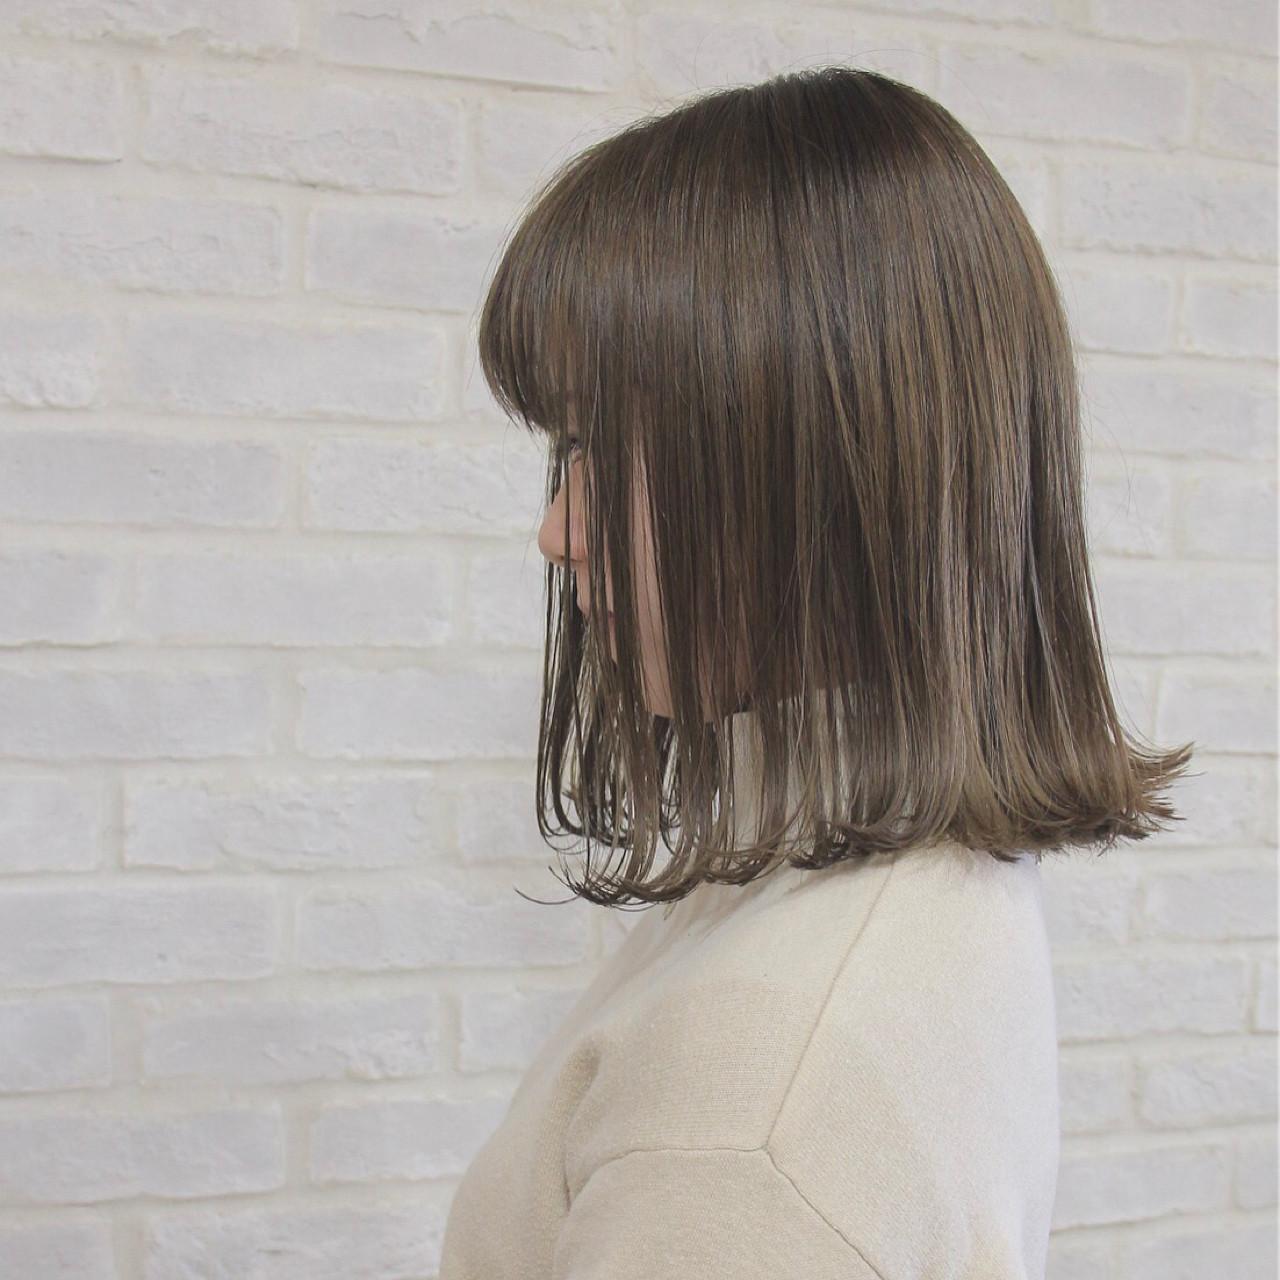 マット グレージュ 外ハネ ボブ ヘアスタイルや髪型の写真・画像 | 山本尚也 / Libett(リベット)